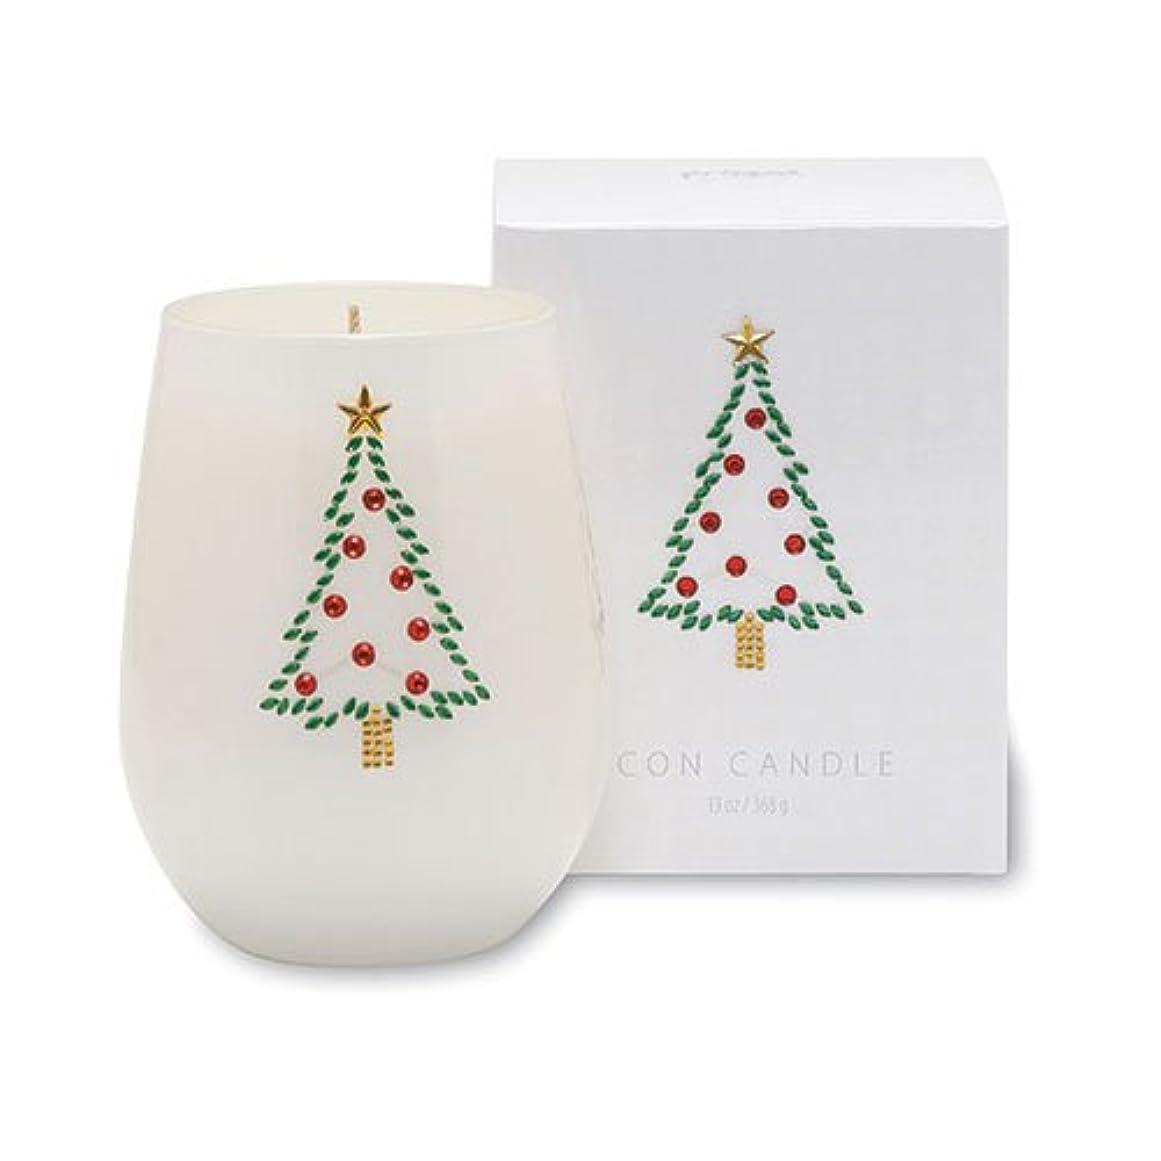 傑出したコミュニティ許されるクリスマスアイコンキャンドル/クリスマスツリー オレンジピールとドライフルーツの香り キャンドル